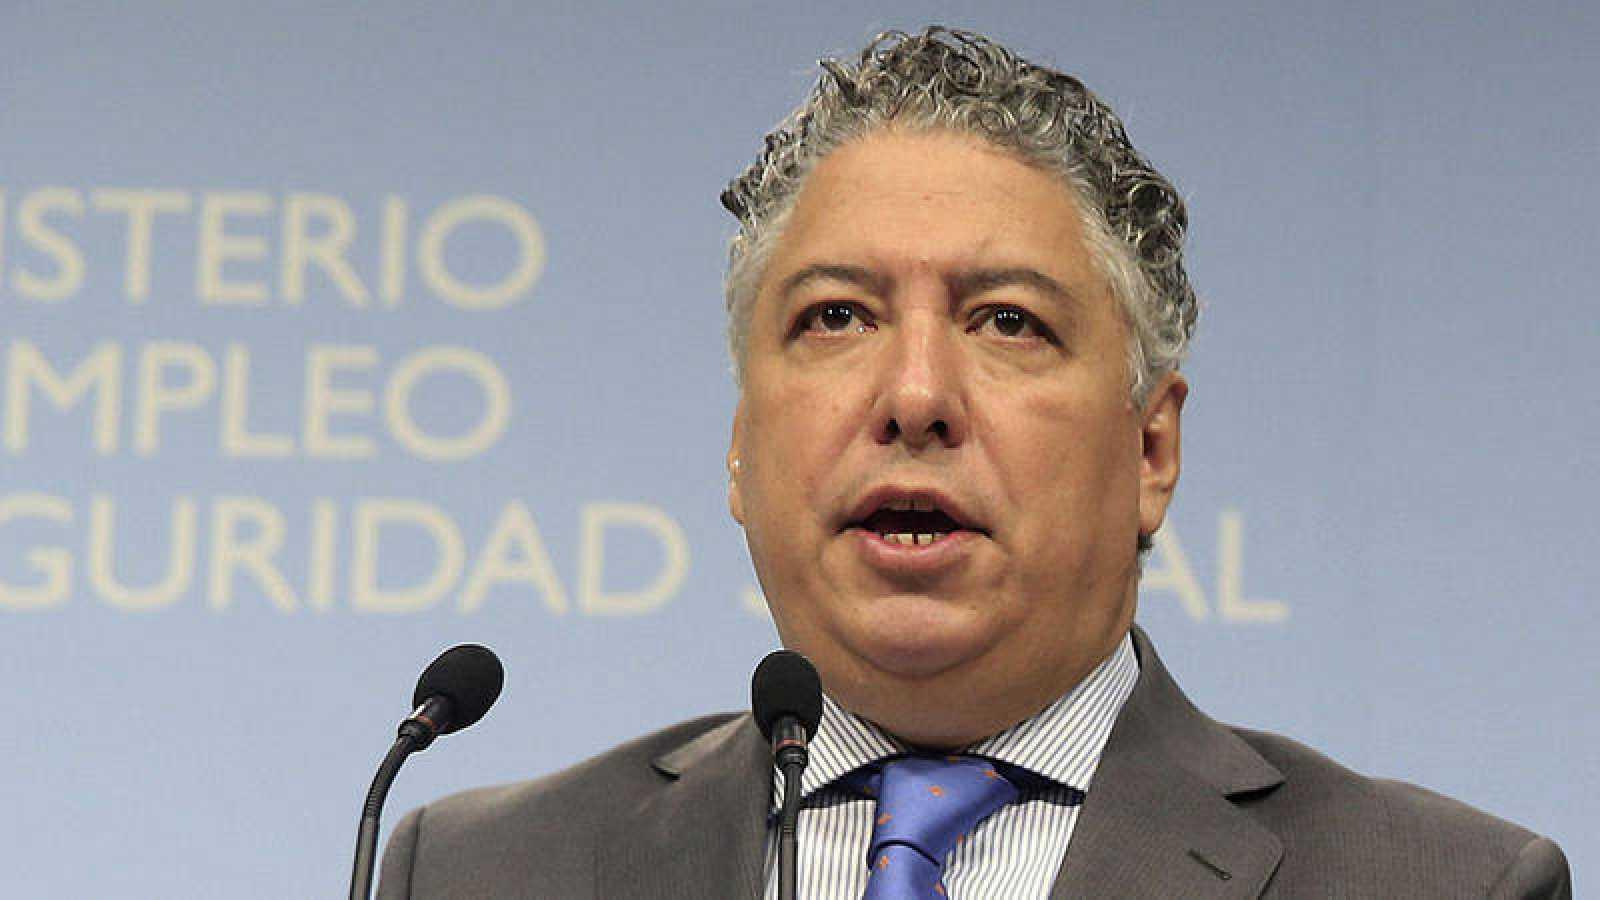 El secretario de Estado de Seguridad Social, Tomás Burgos, en una imagen de archivo.